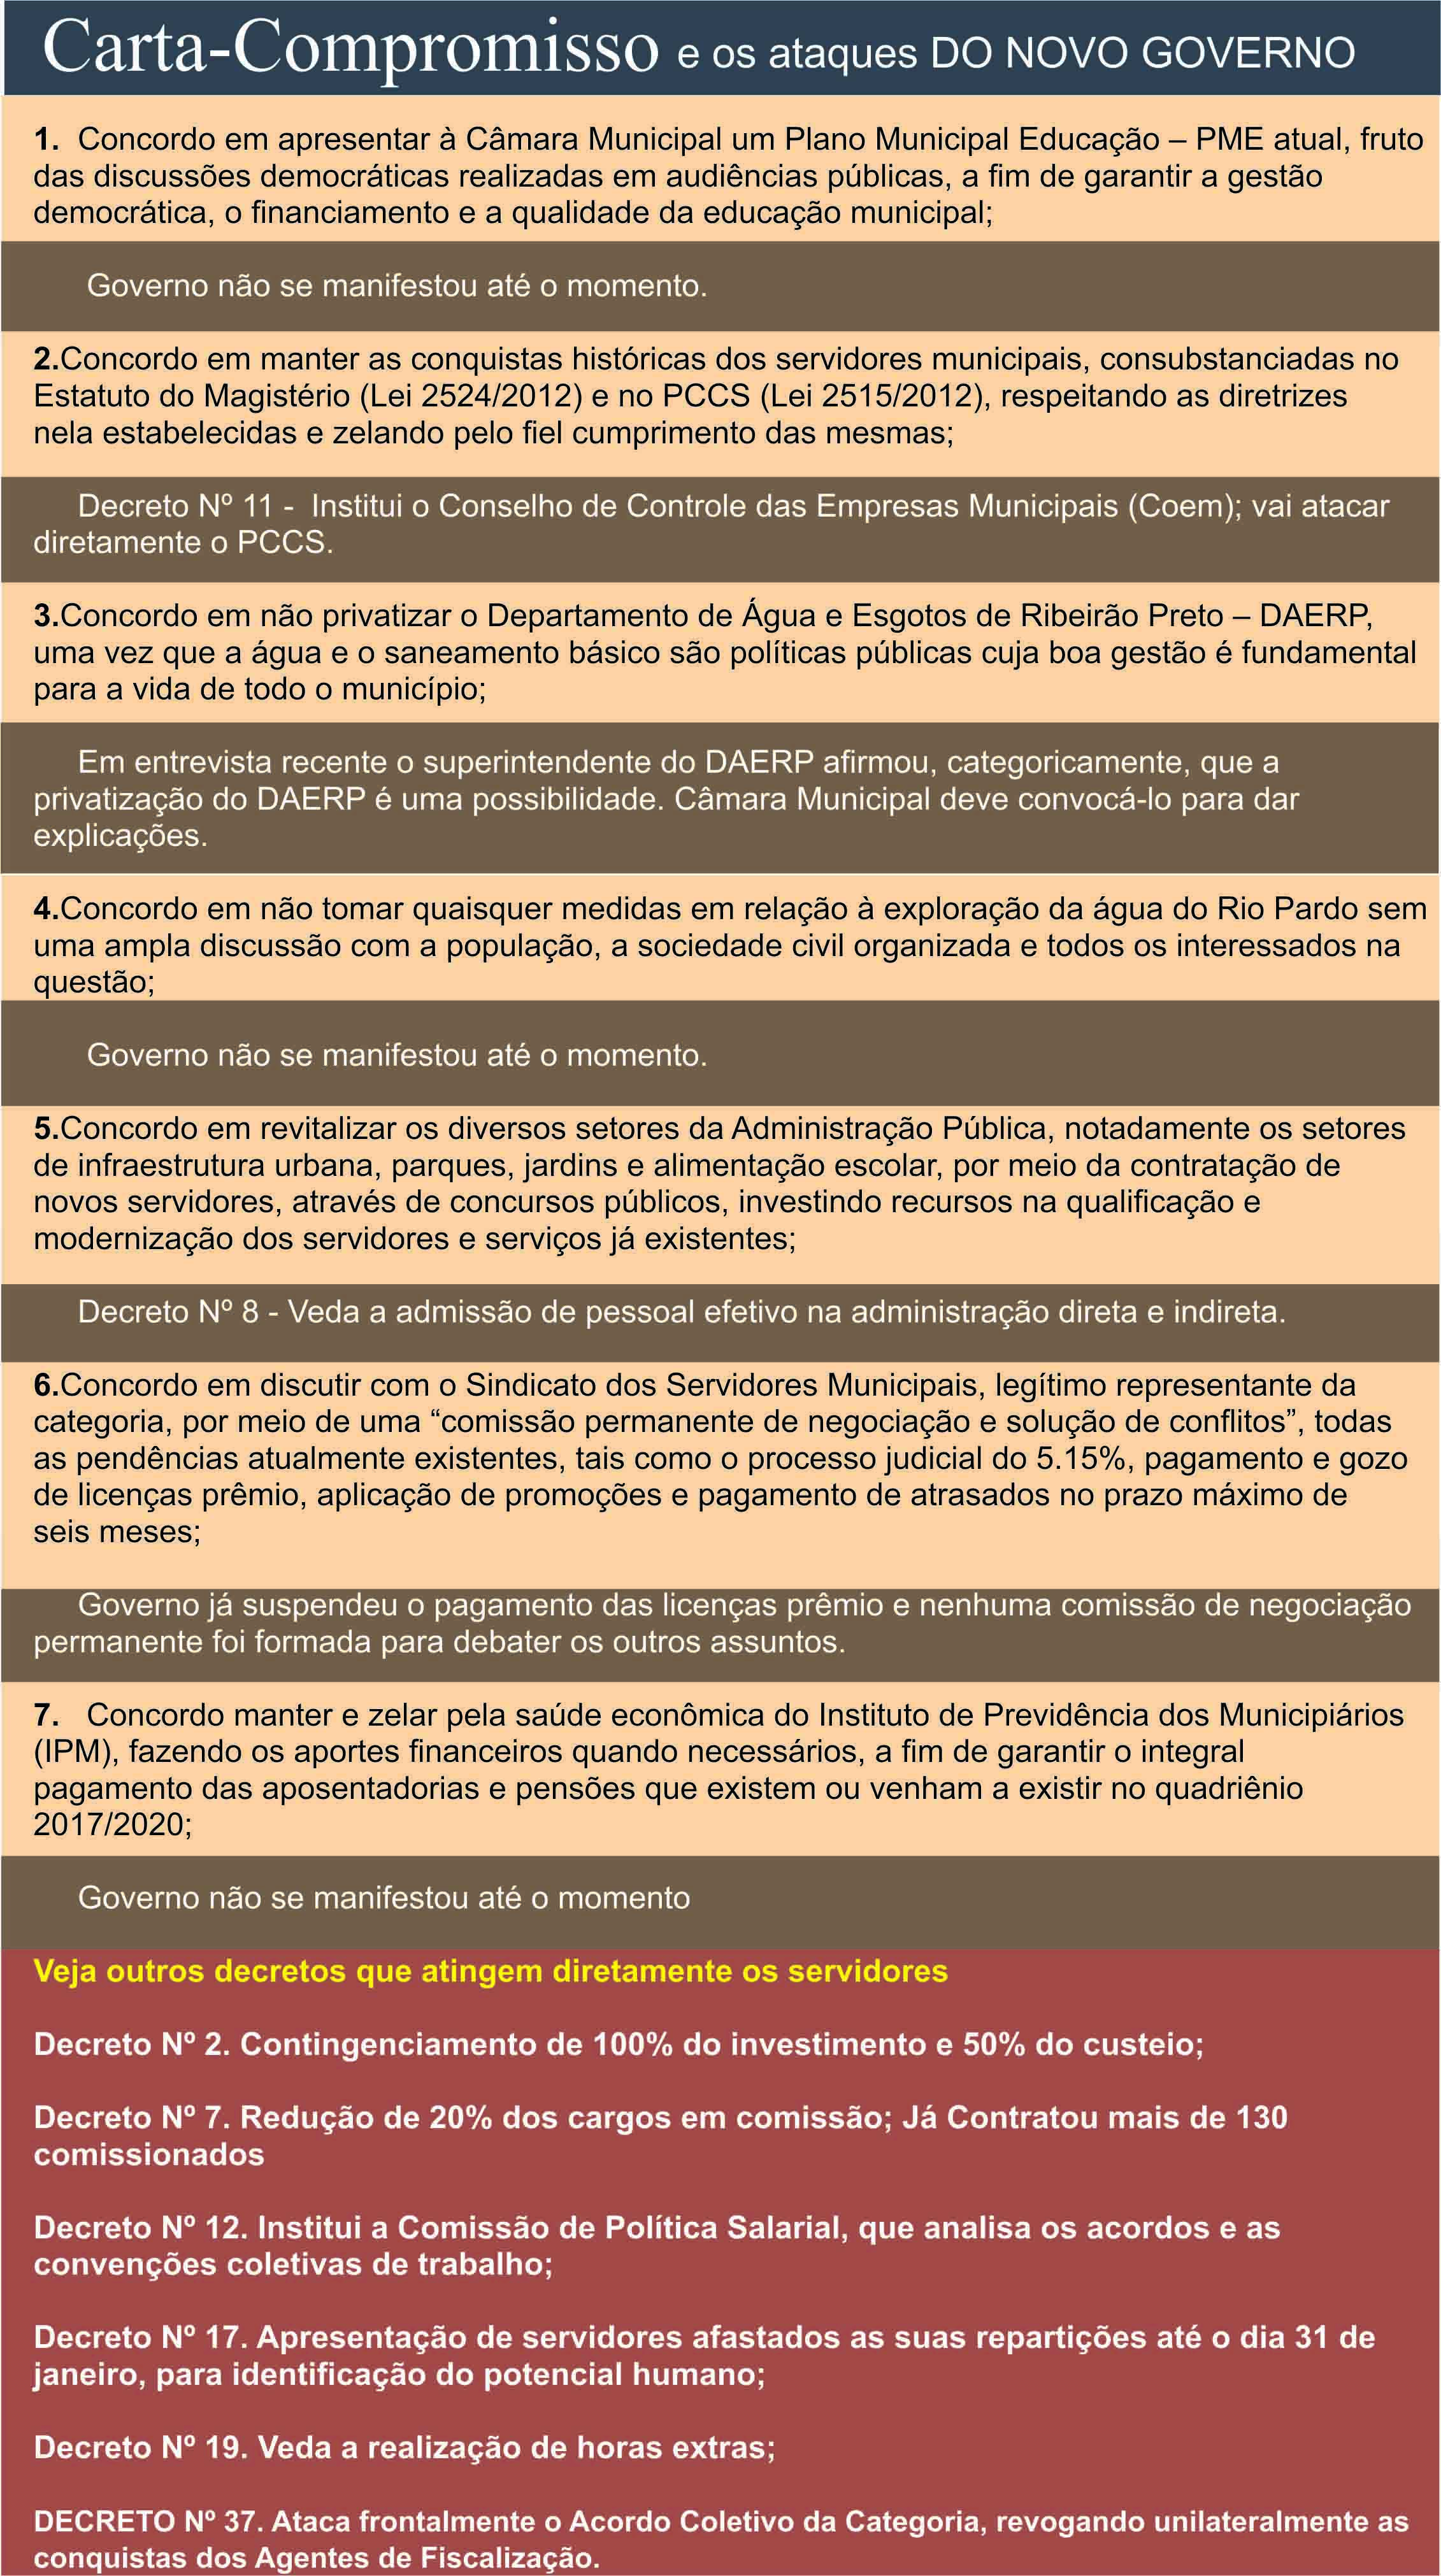 Carta compromisso e decretos okok